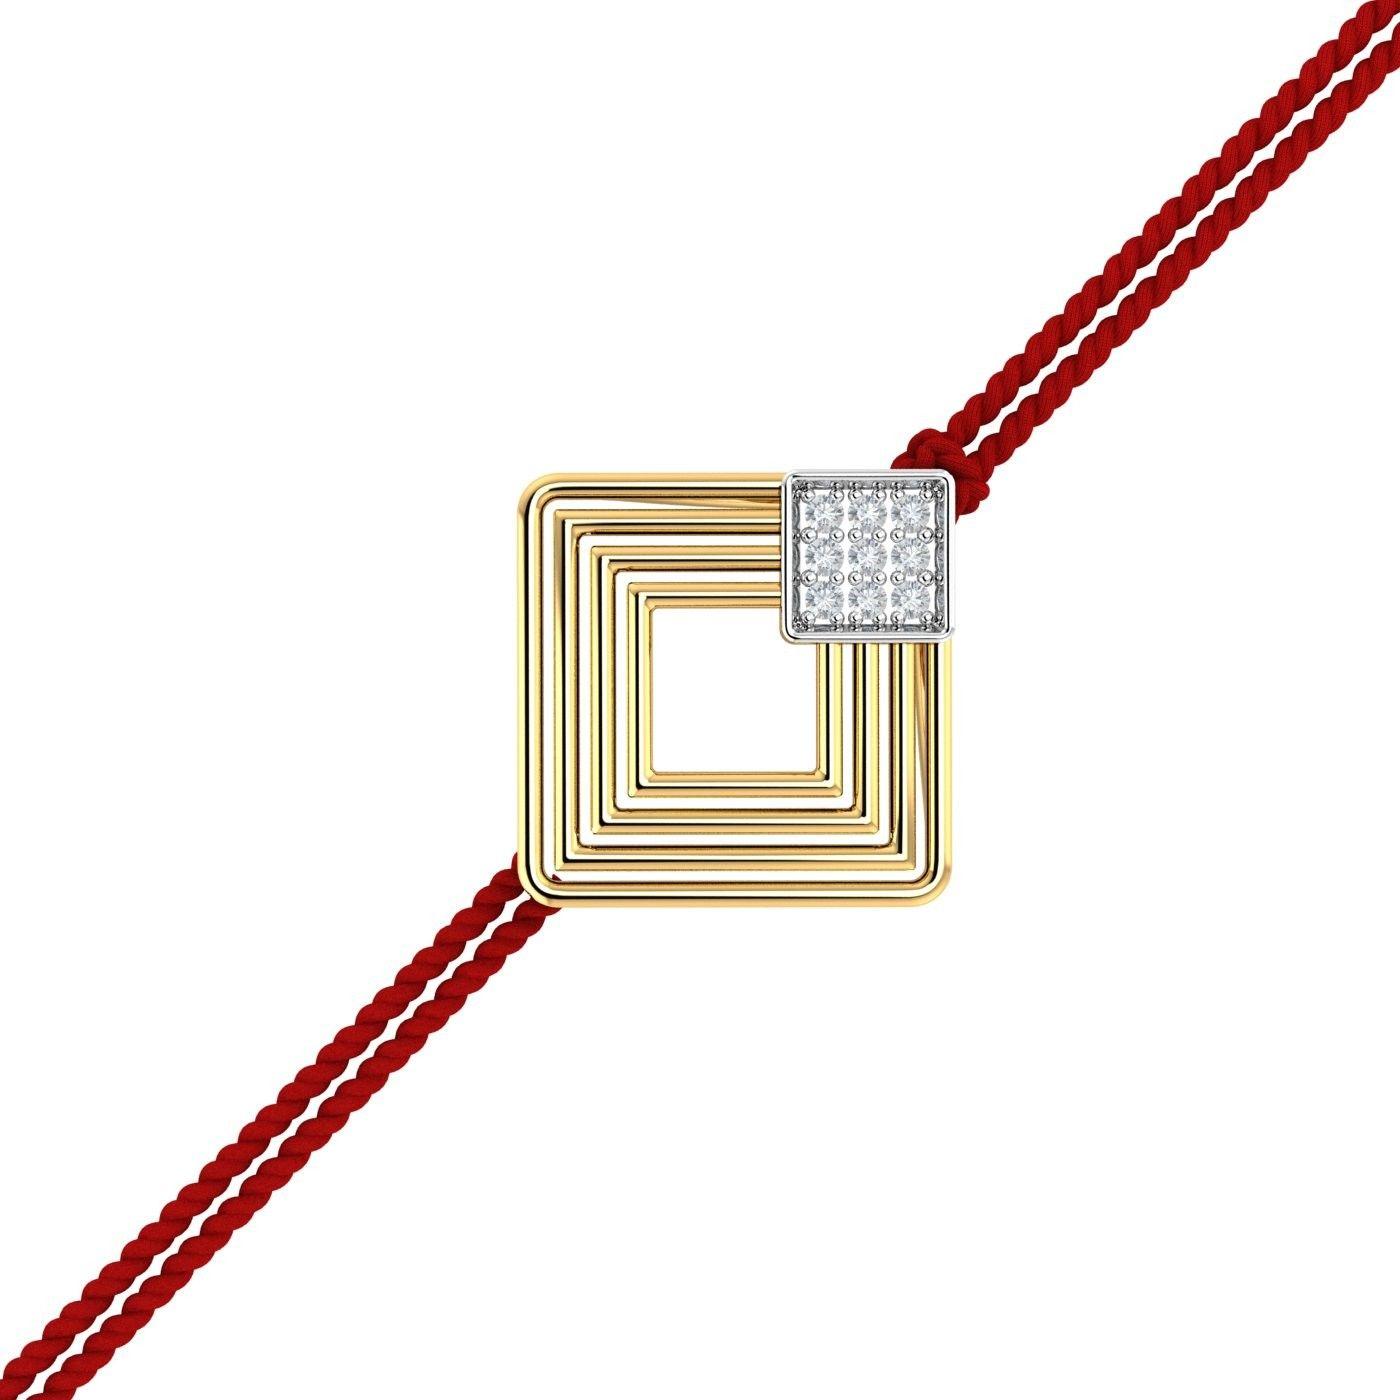 Modern Gold Rakhi Pendant.With a squarish modern design.